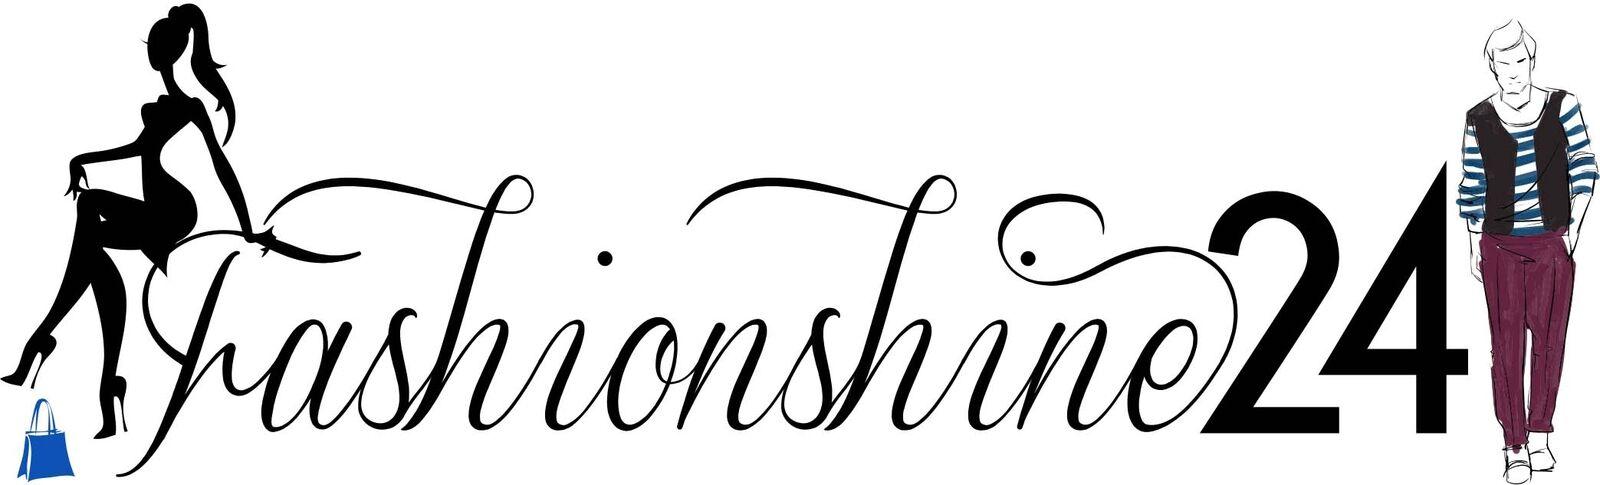 Fashionshine24